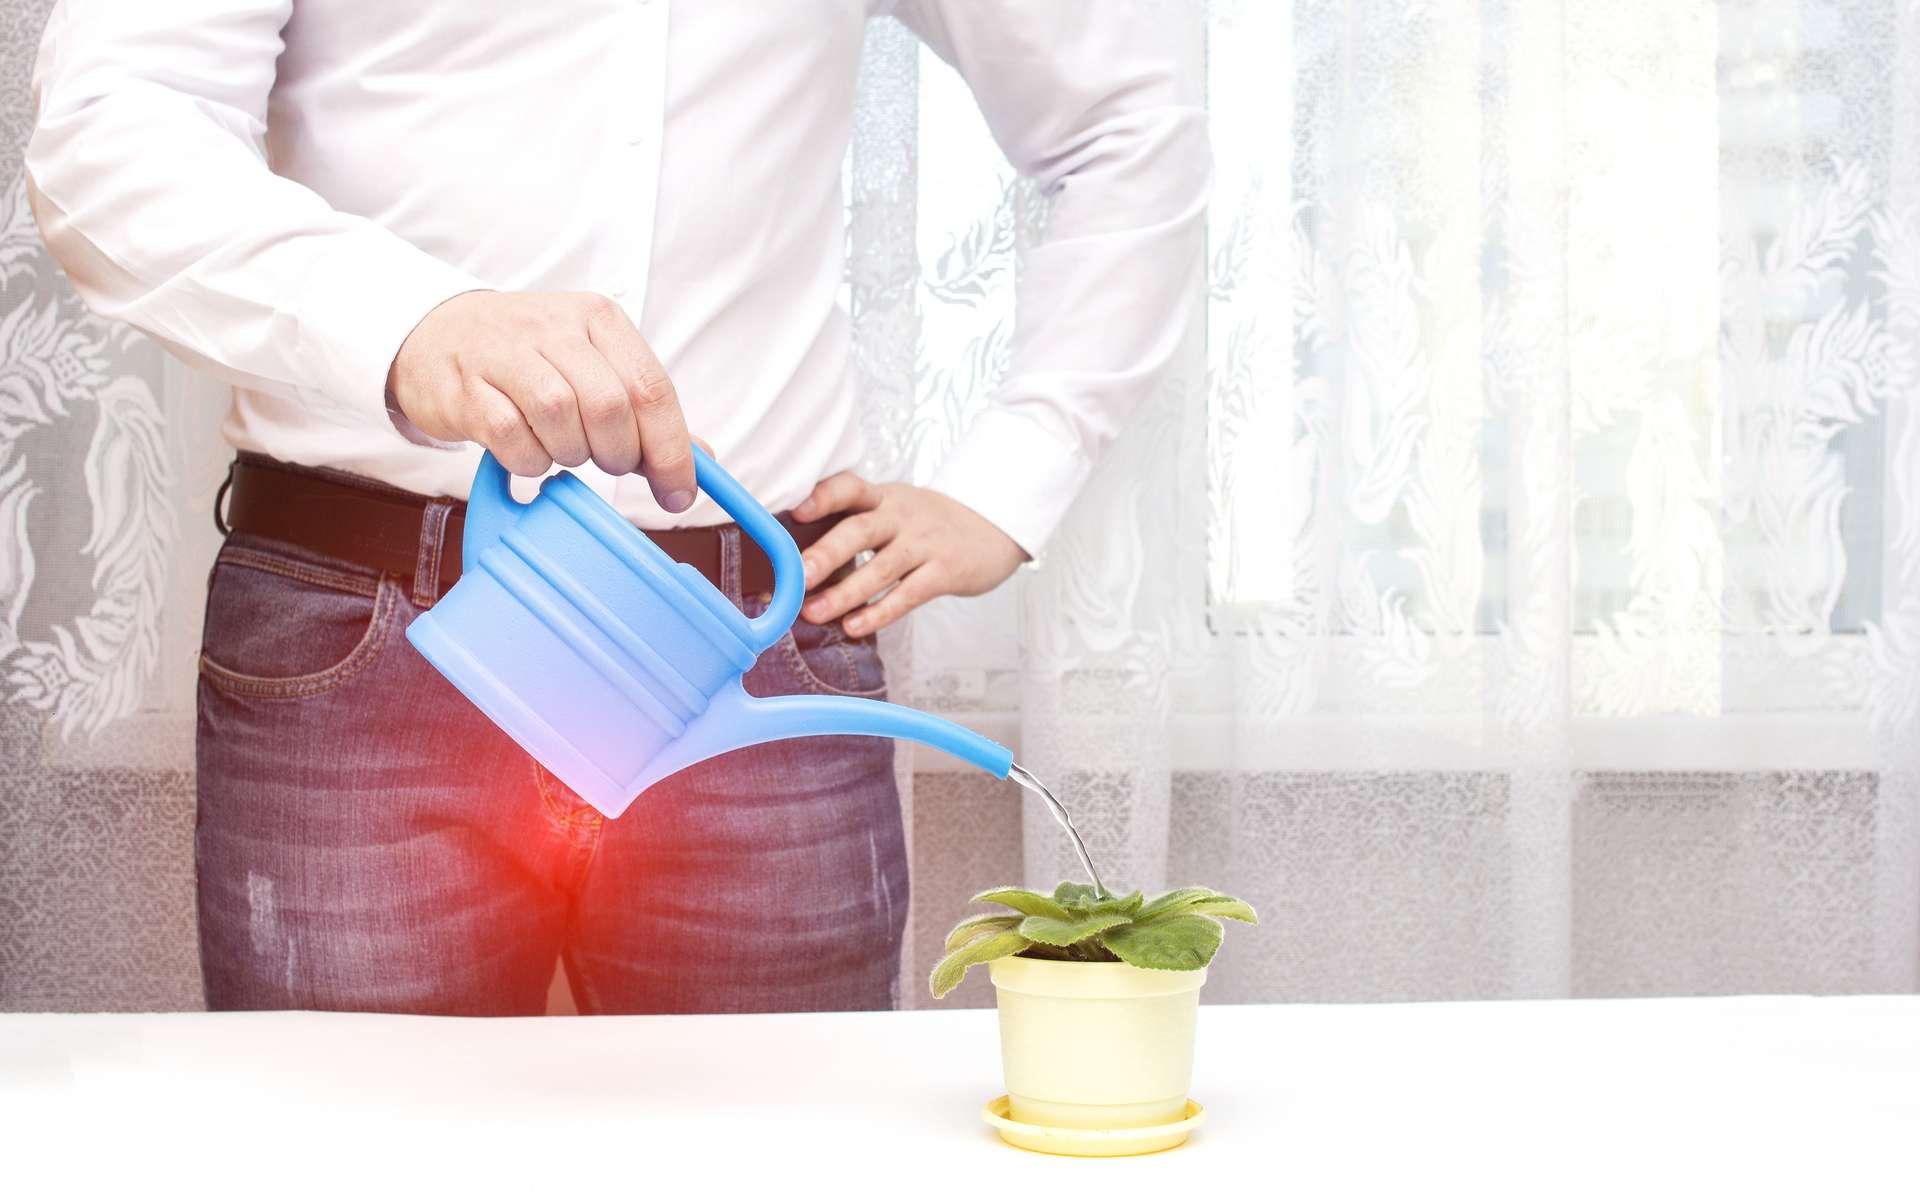 Troubles urinaires chez l'homme : quand la douleur rime avec difficultés mictionnelles. © Adobe Stock, Henadzy